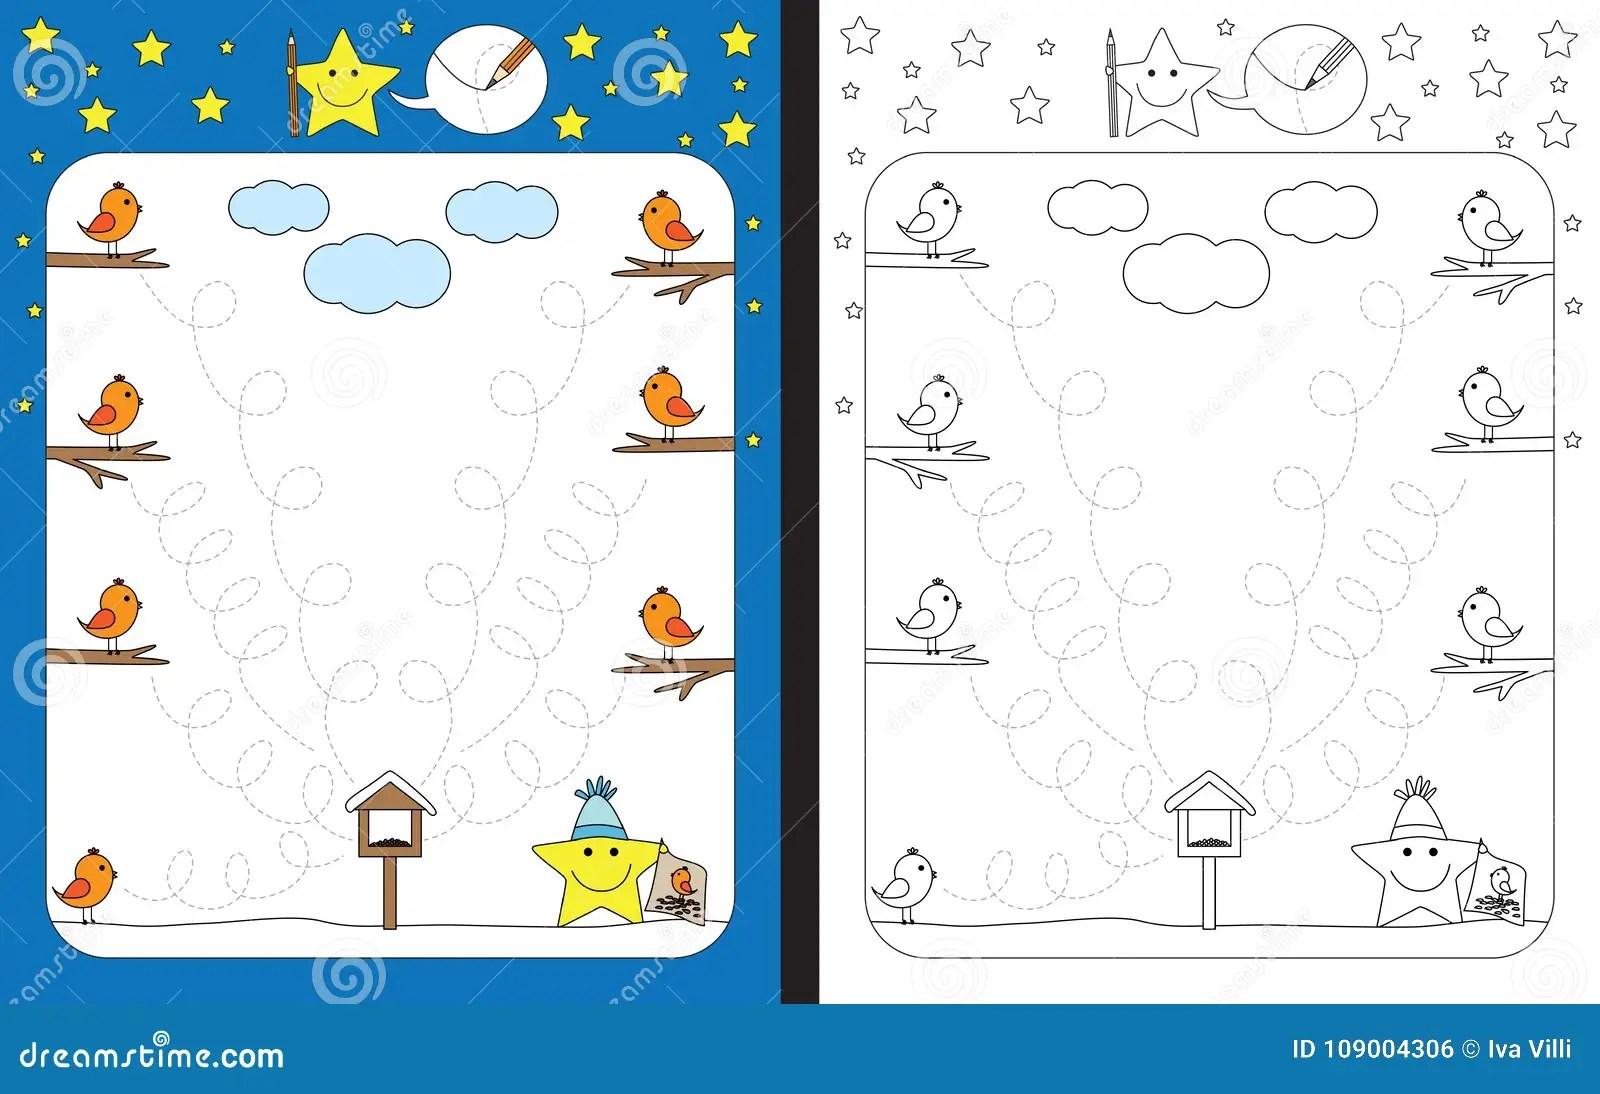 Tracing Seed Worksheet Preschool